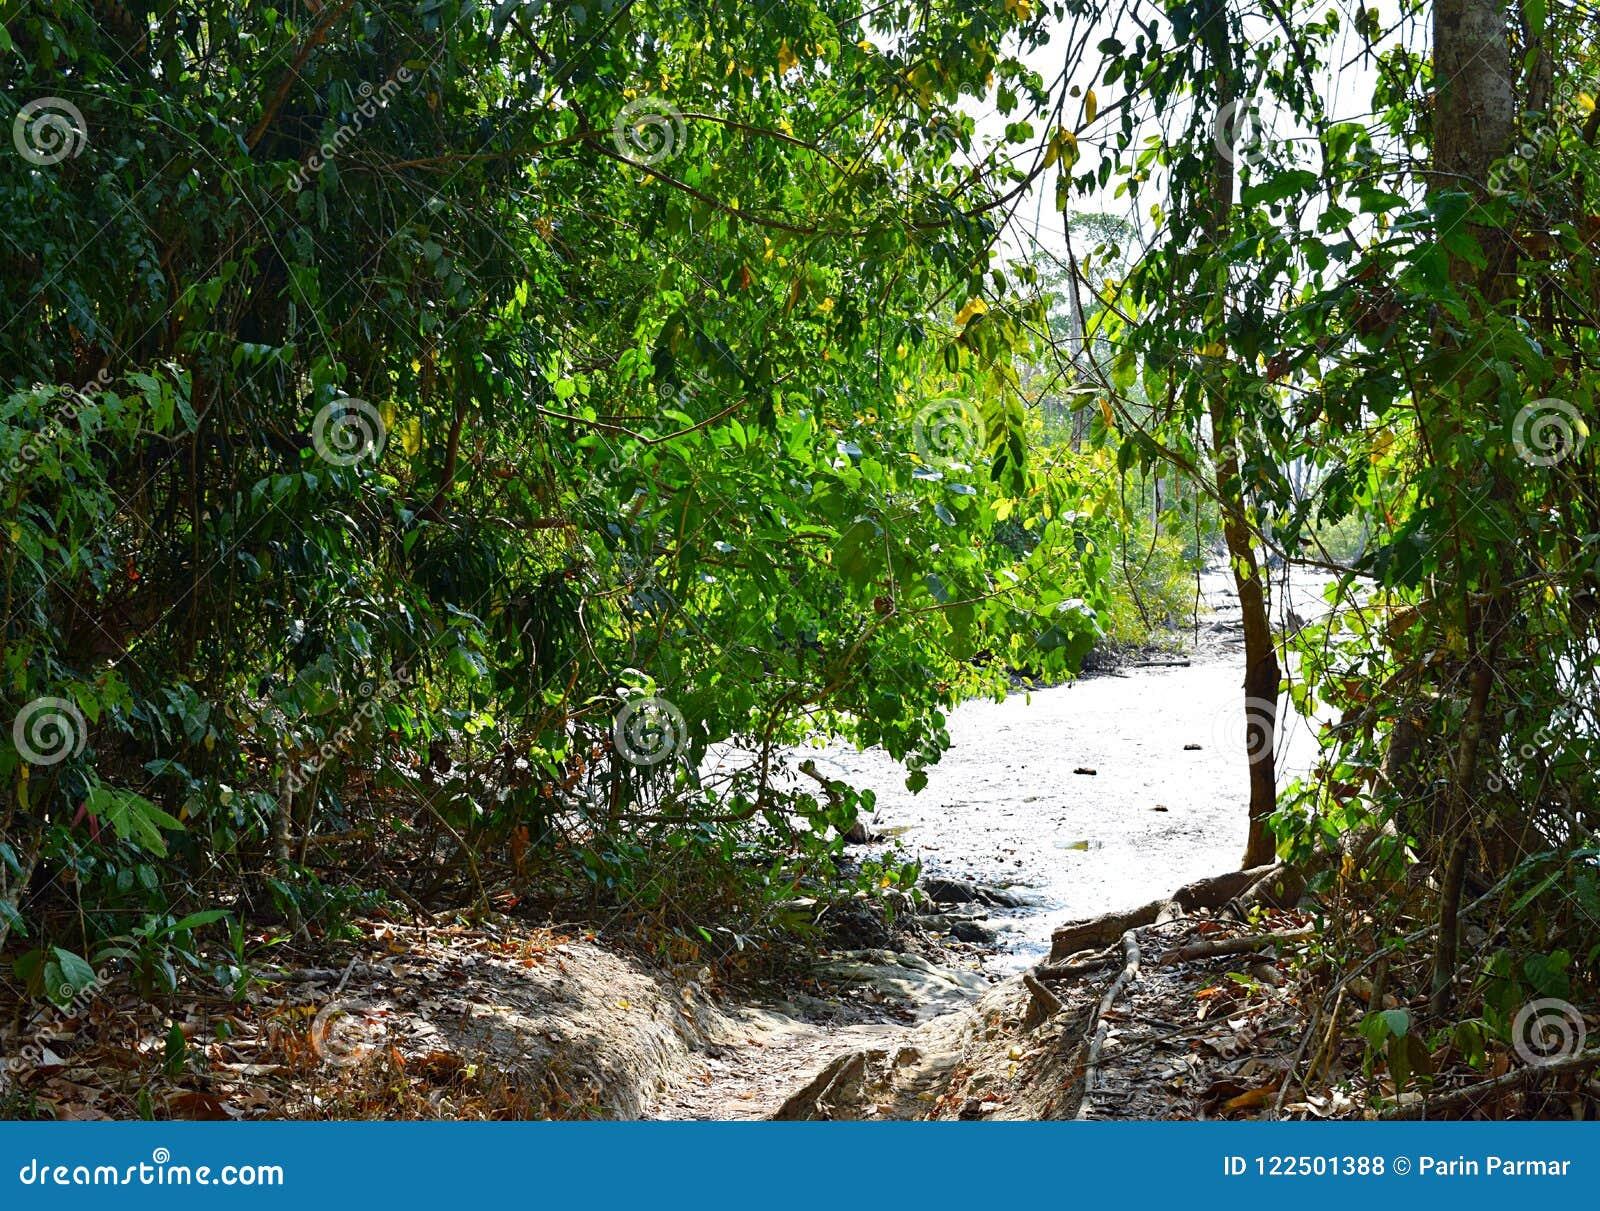 Turismo ecológico - viaje a través de la selva tropical tropical imperecedera - playa del elefante, isla de Havelock, islas de An